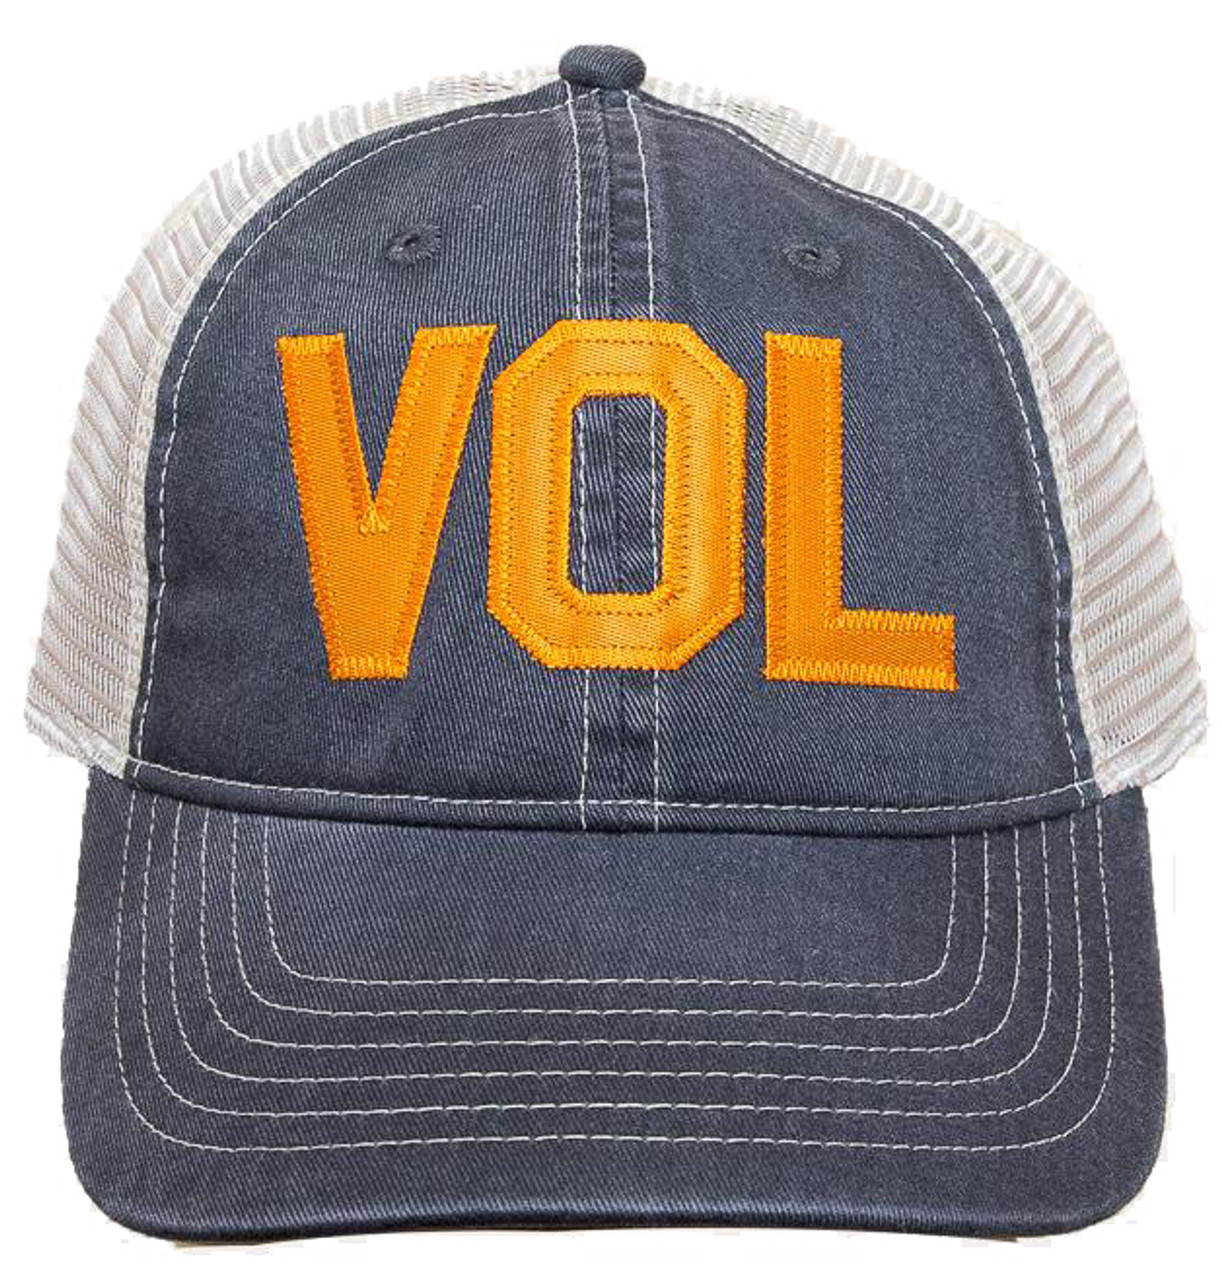 d7e5d5a19e0 VOL Graphite   Ivory Comfort Colors Trucker Cap - Rogue Garments